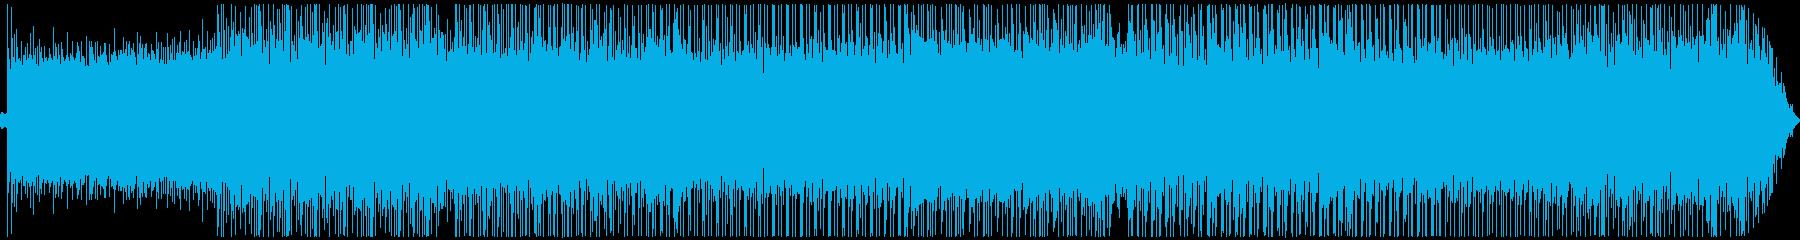 美しいピアノのドラムンベース・ボスバトルの再生済みの波形